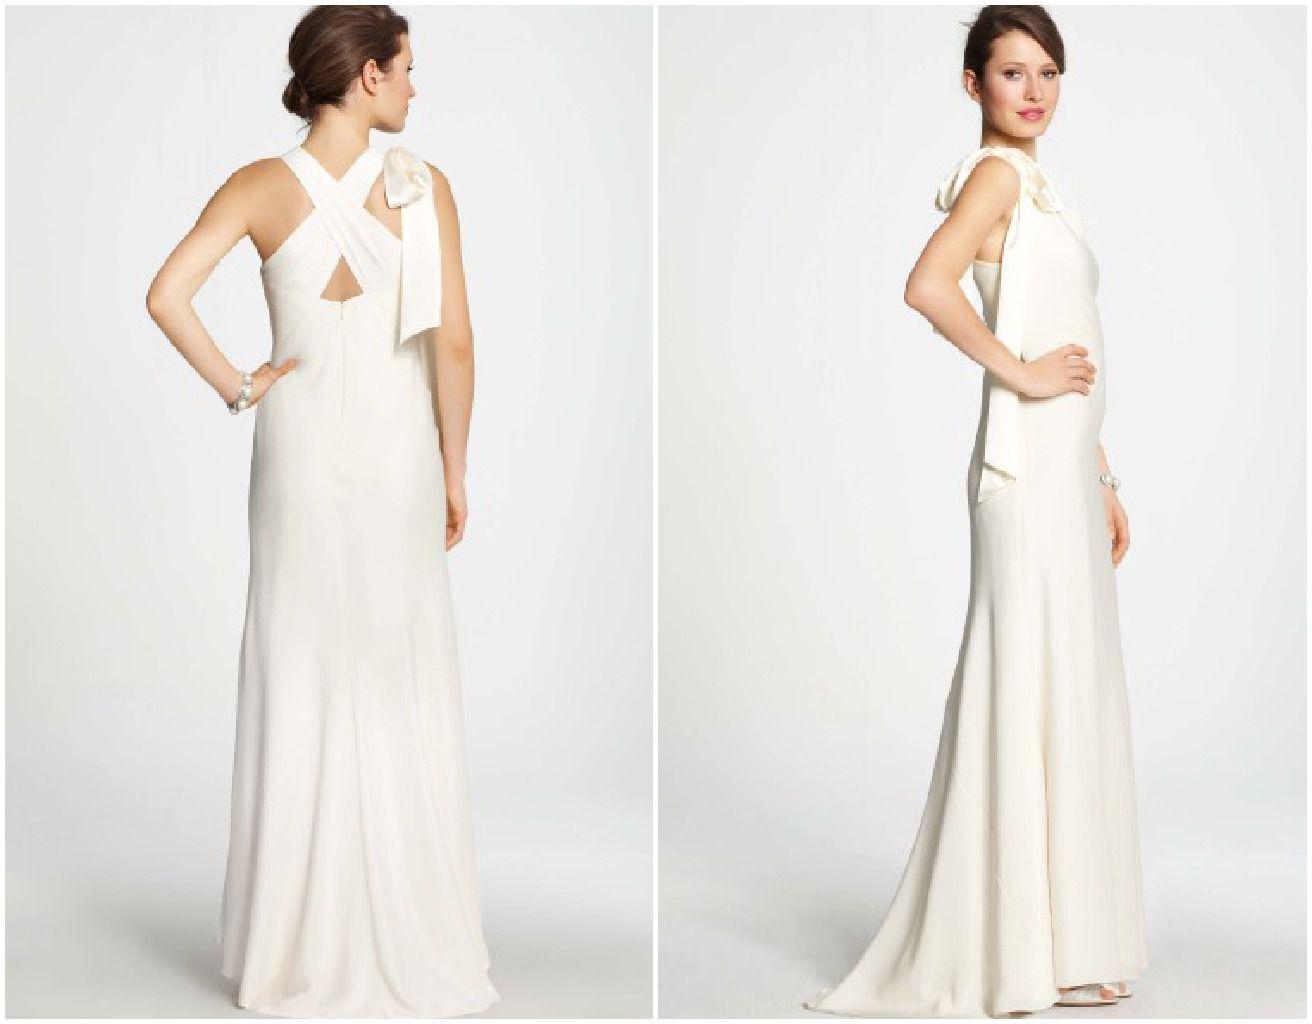 Ann Taylor Wedding Gowns